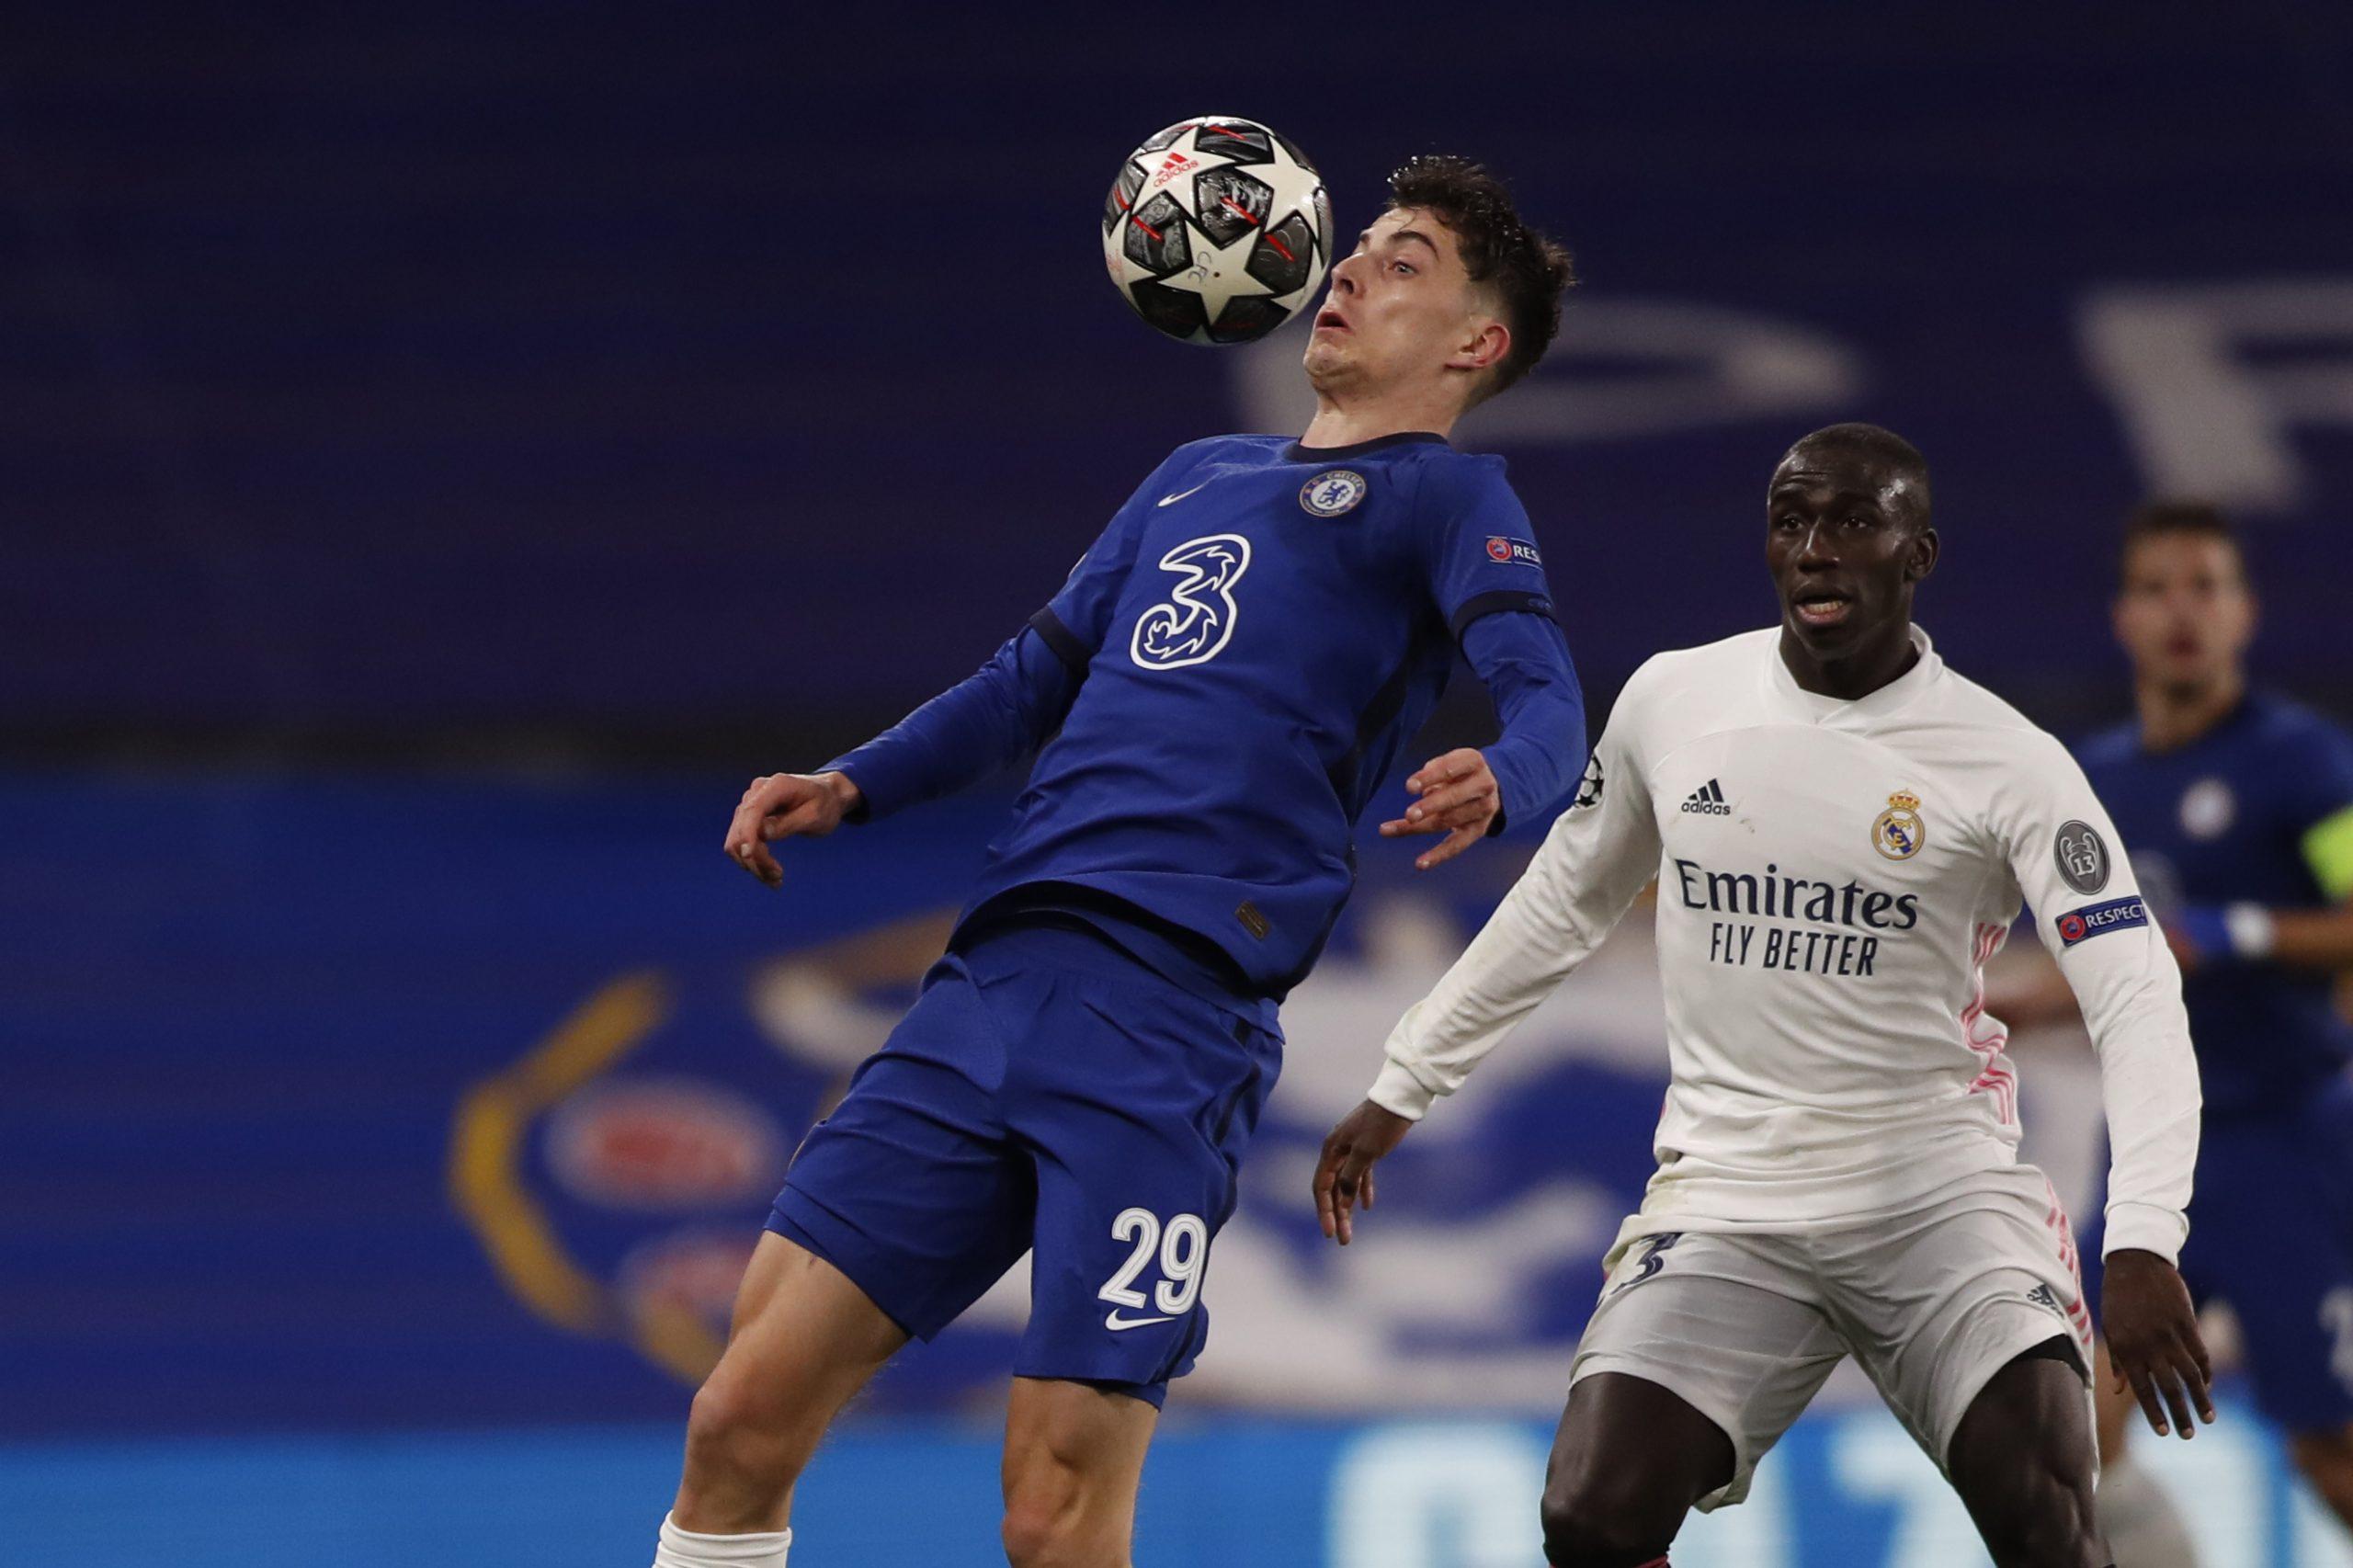 Čelsi savladao Real Madrid u revanšu polufinala Lige šampiona – 2:0 1